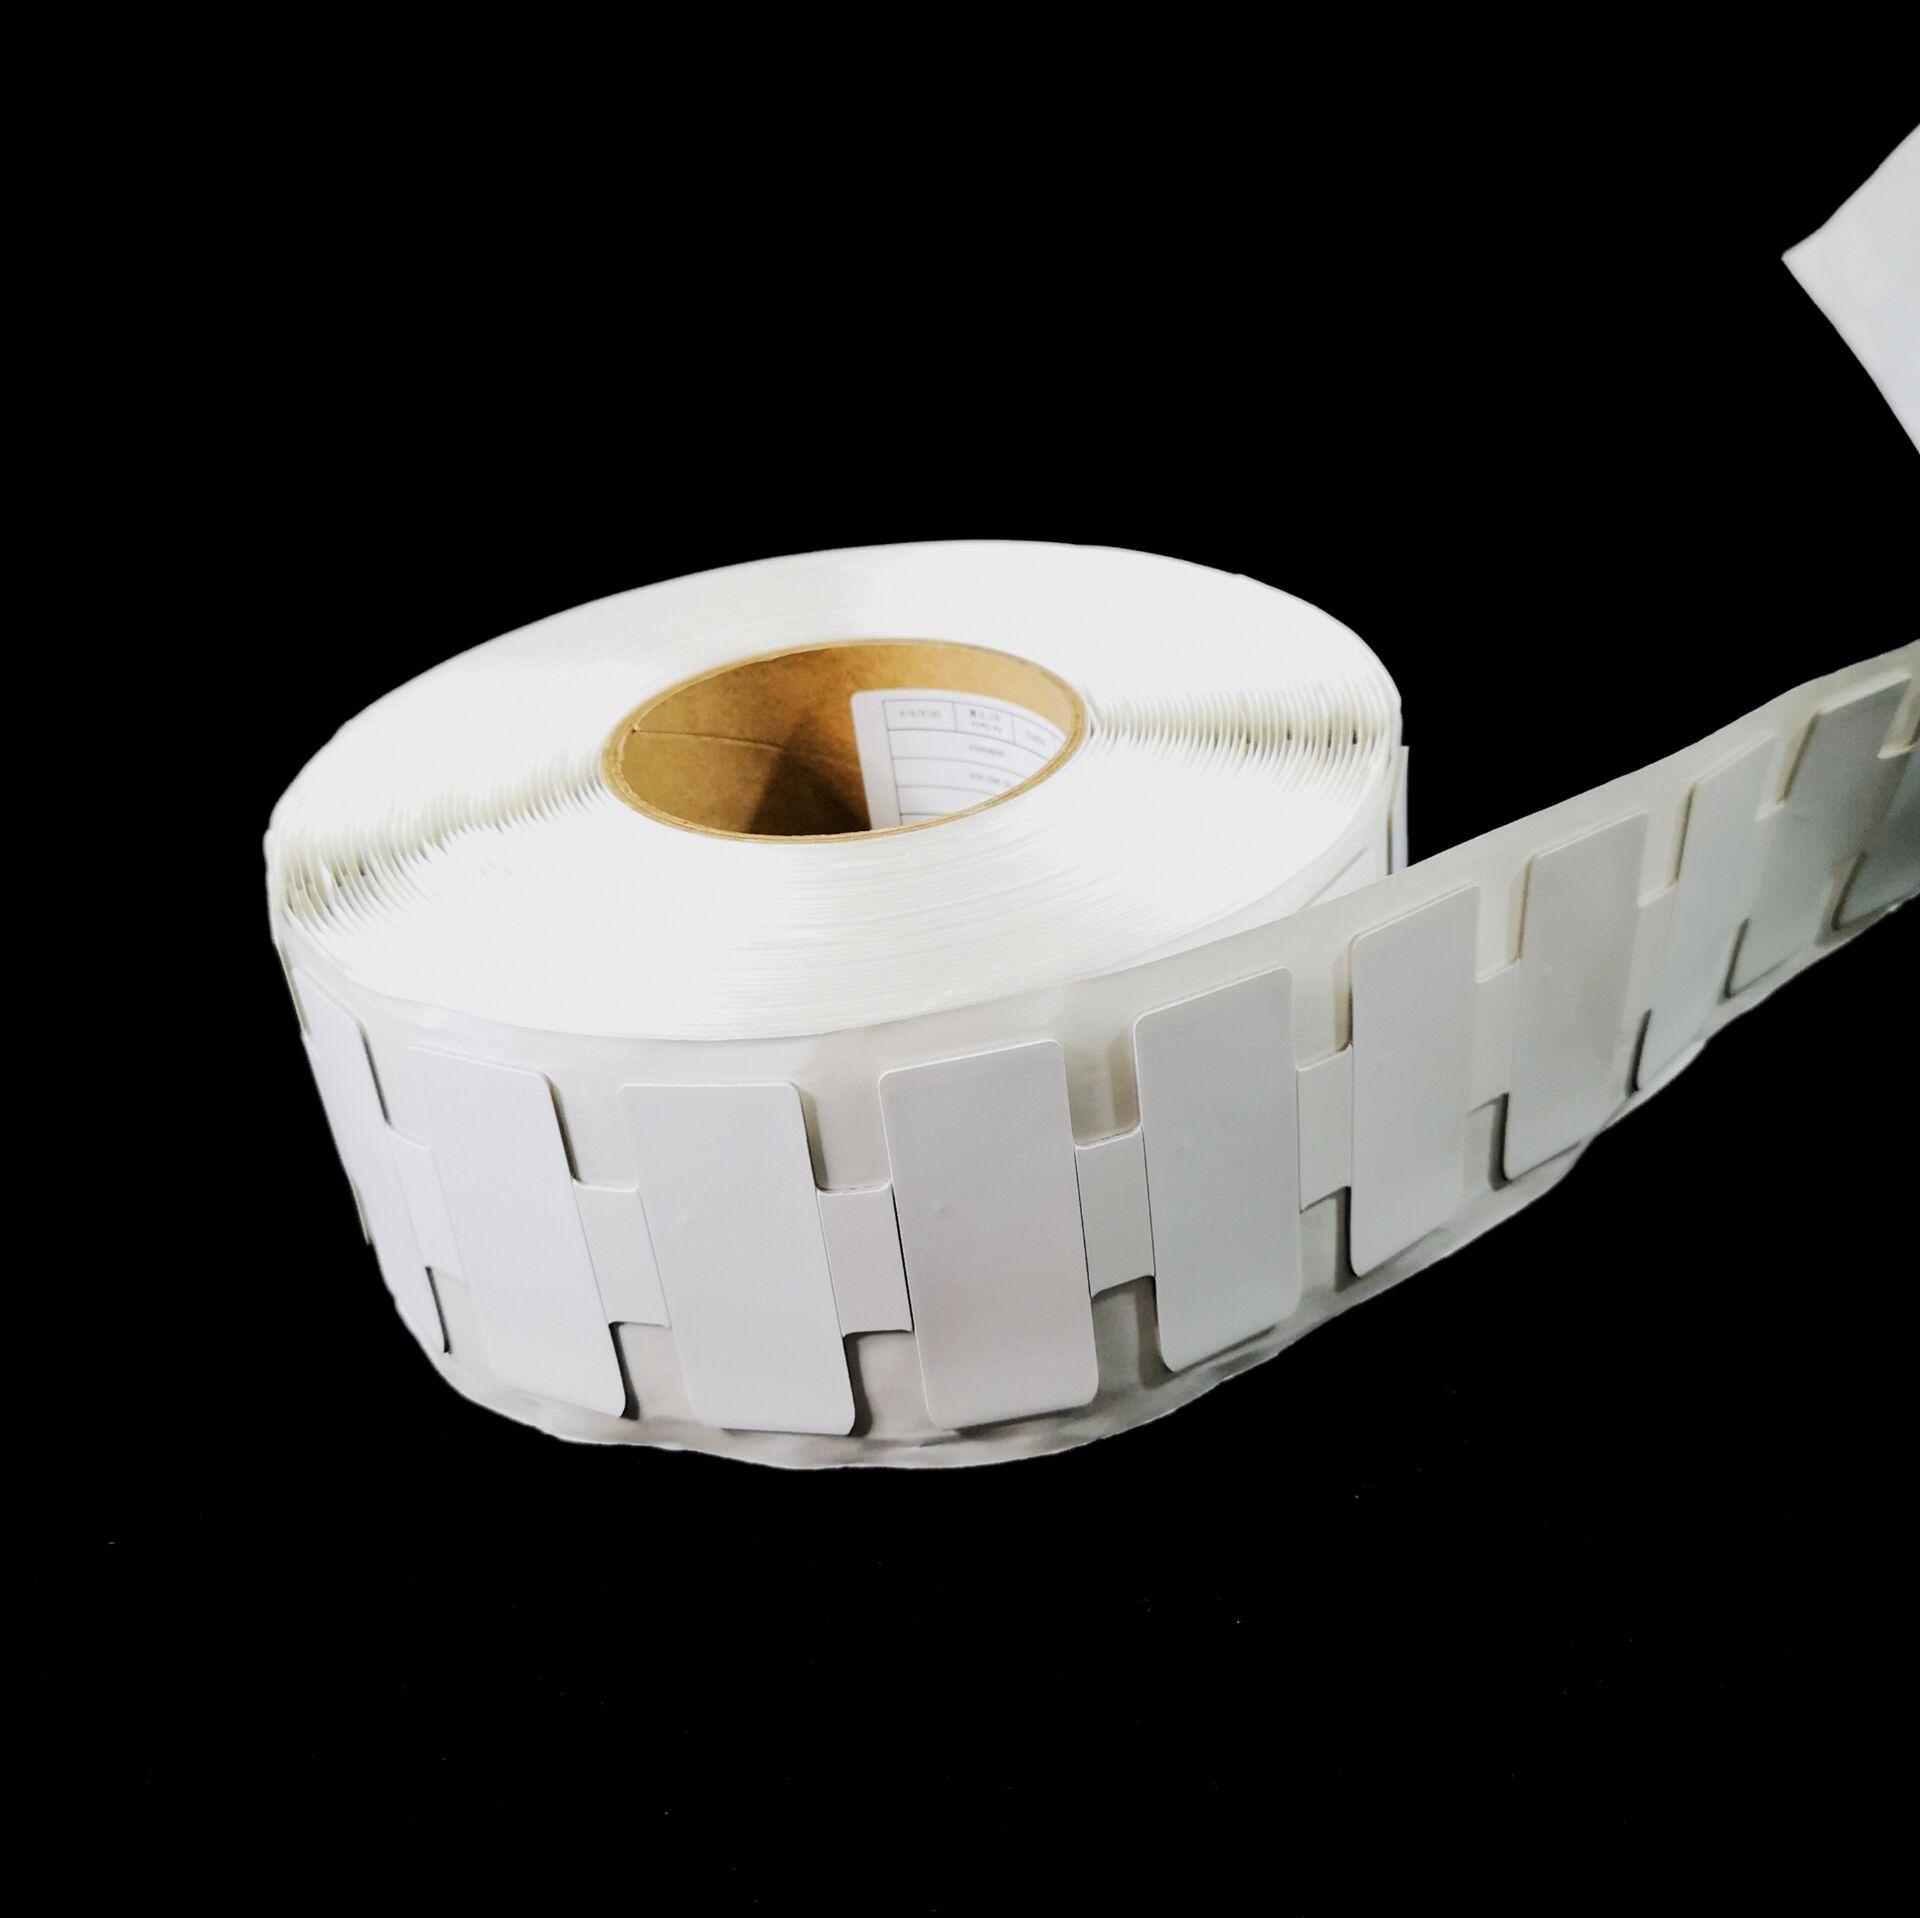 恺乐KLR6025 柔性抗金属标签 可打印成本低